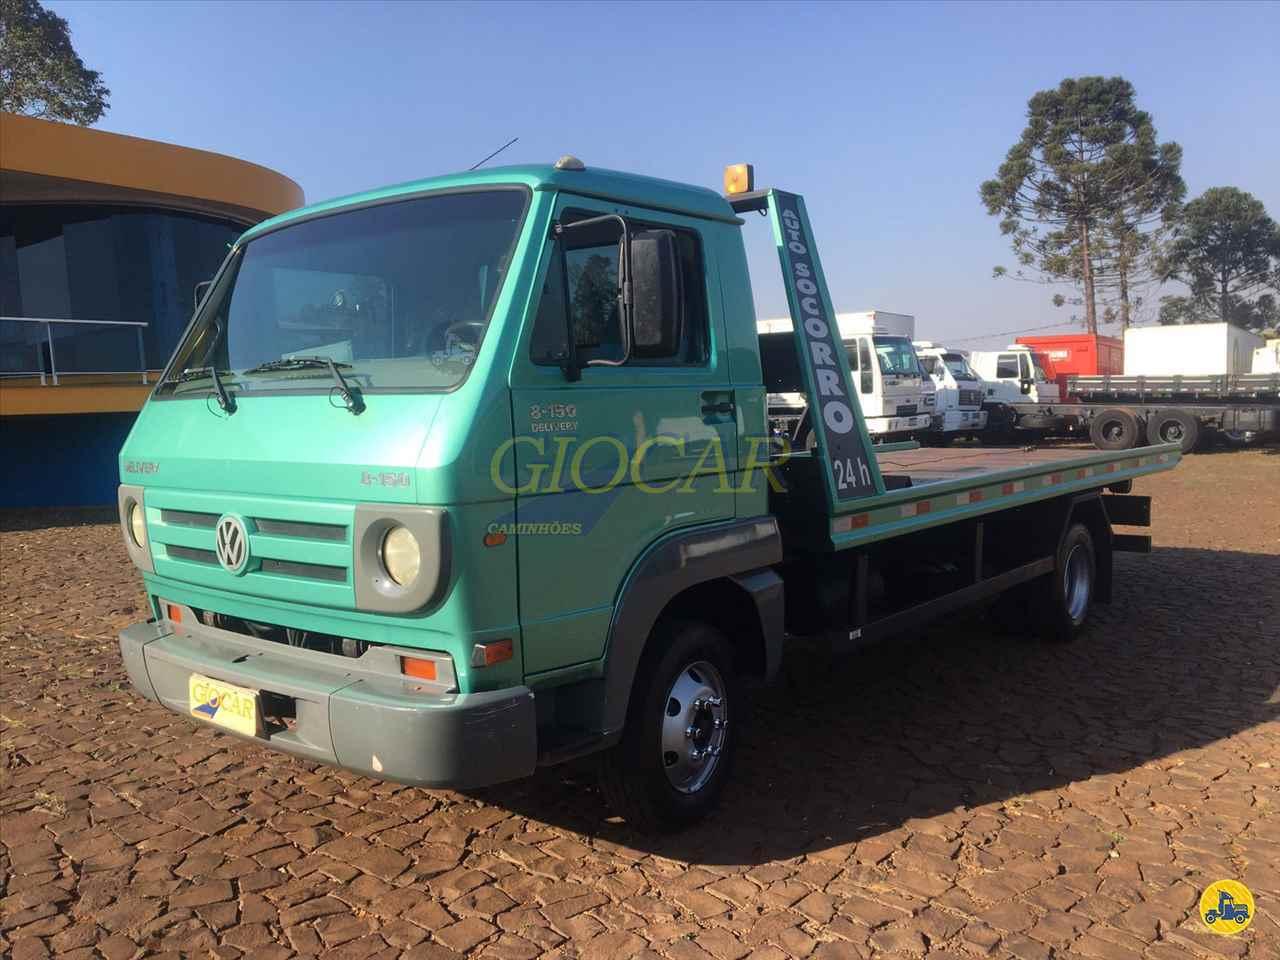 CAMINHAO VOLKSWAGEN VW 8150 Plataforma Guincho 3/4 4x2 Giocar Caminhões PATO BRANCO PARANÁ PR